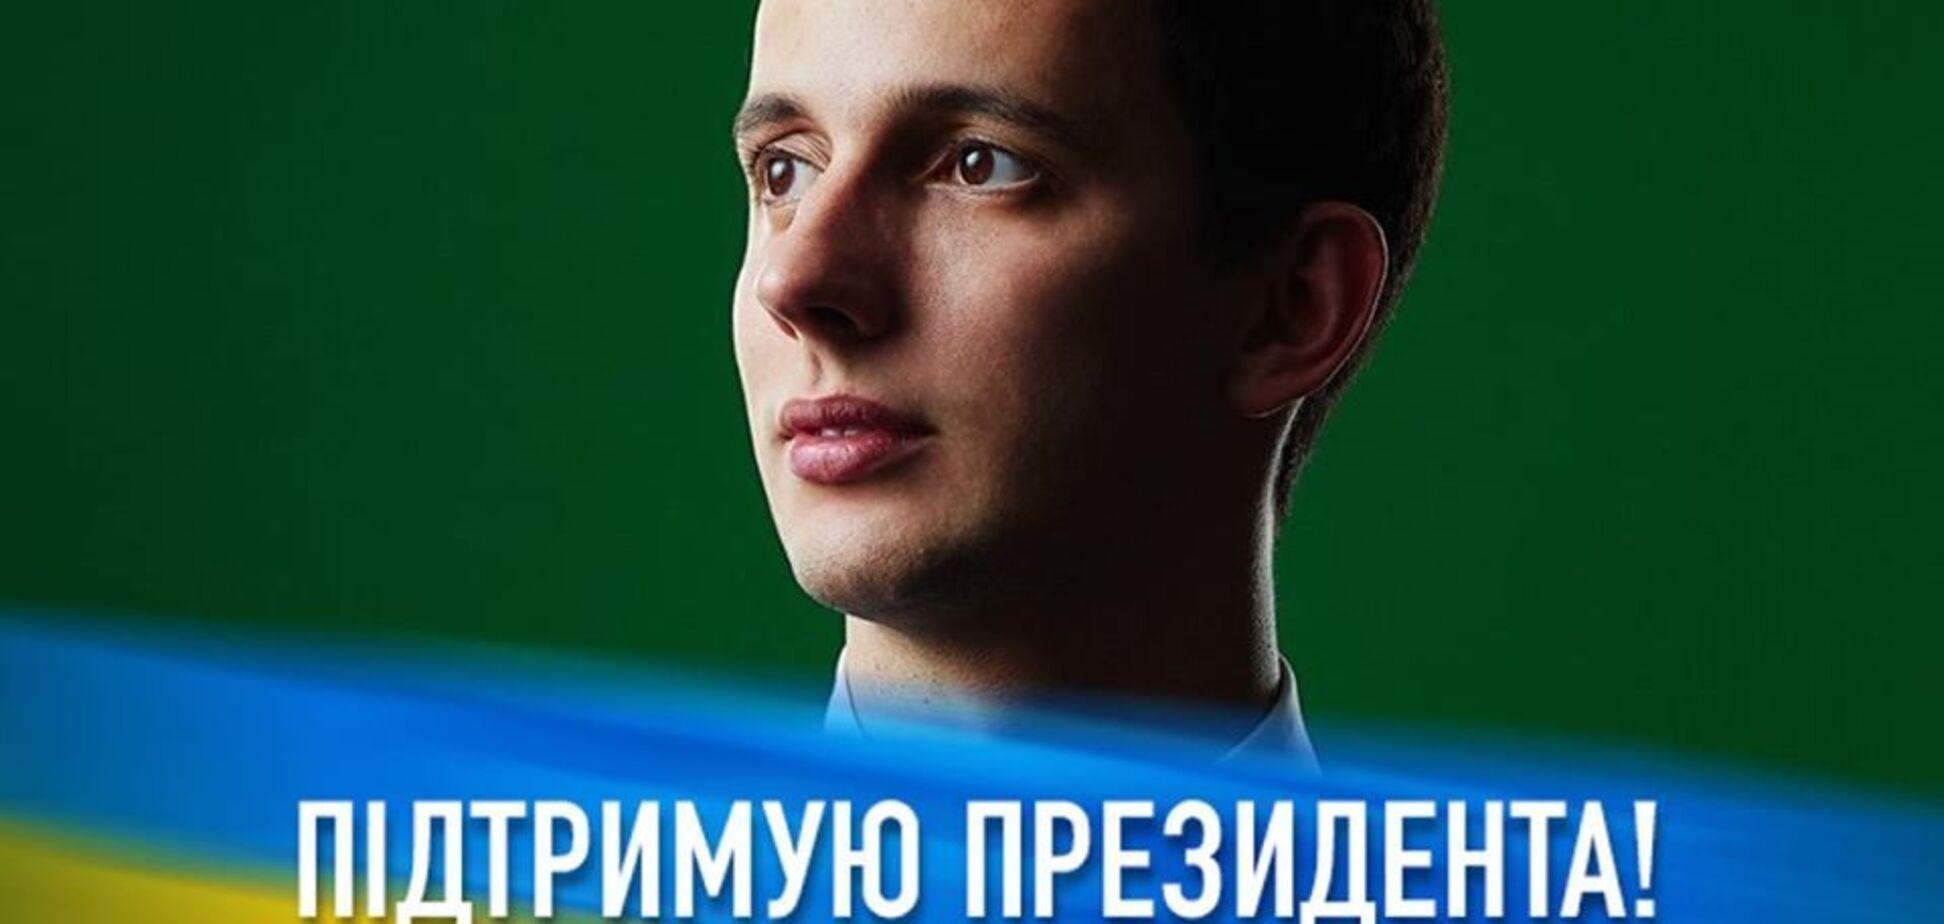 Нардеп Горенюк присвоил себе чужие заслуги